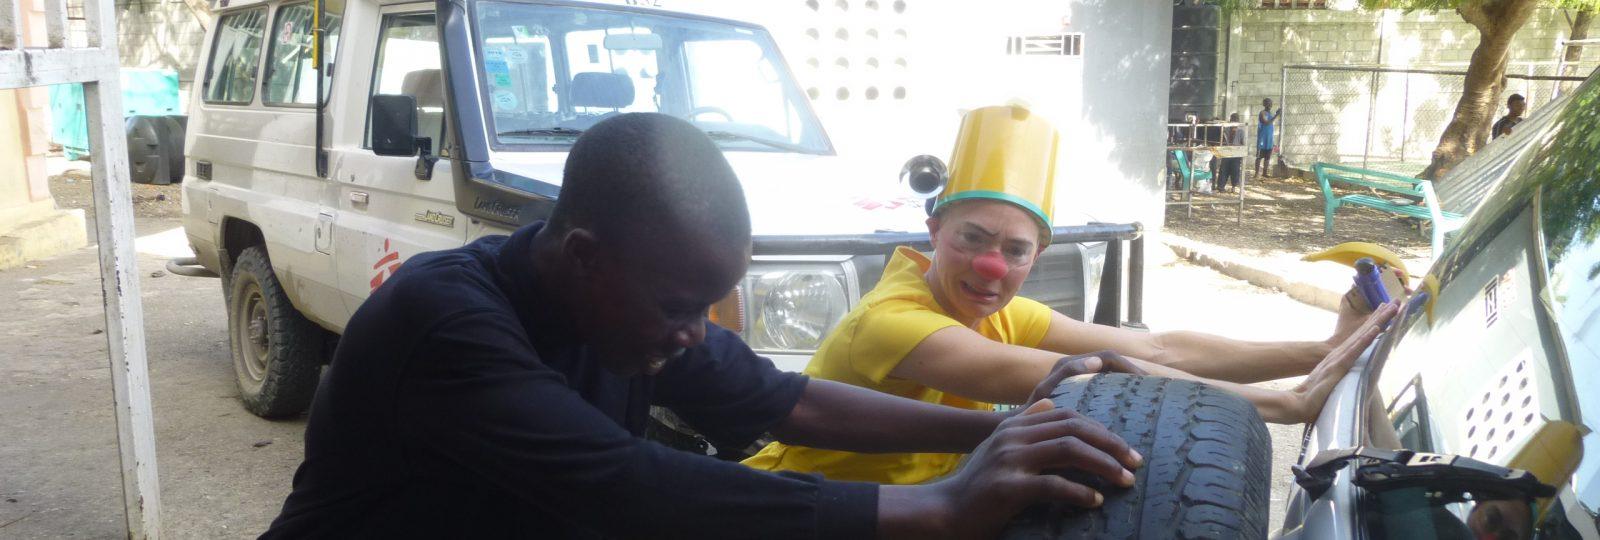 clown pushes a car